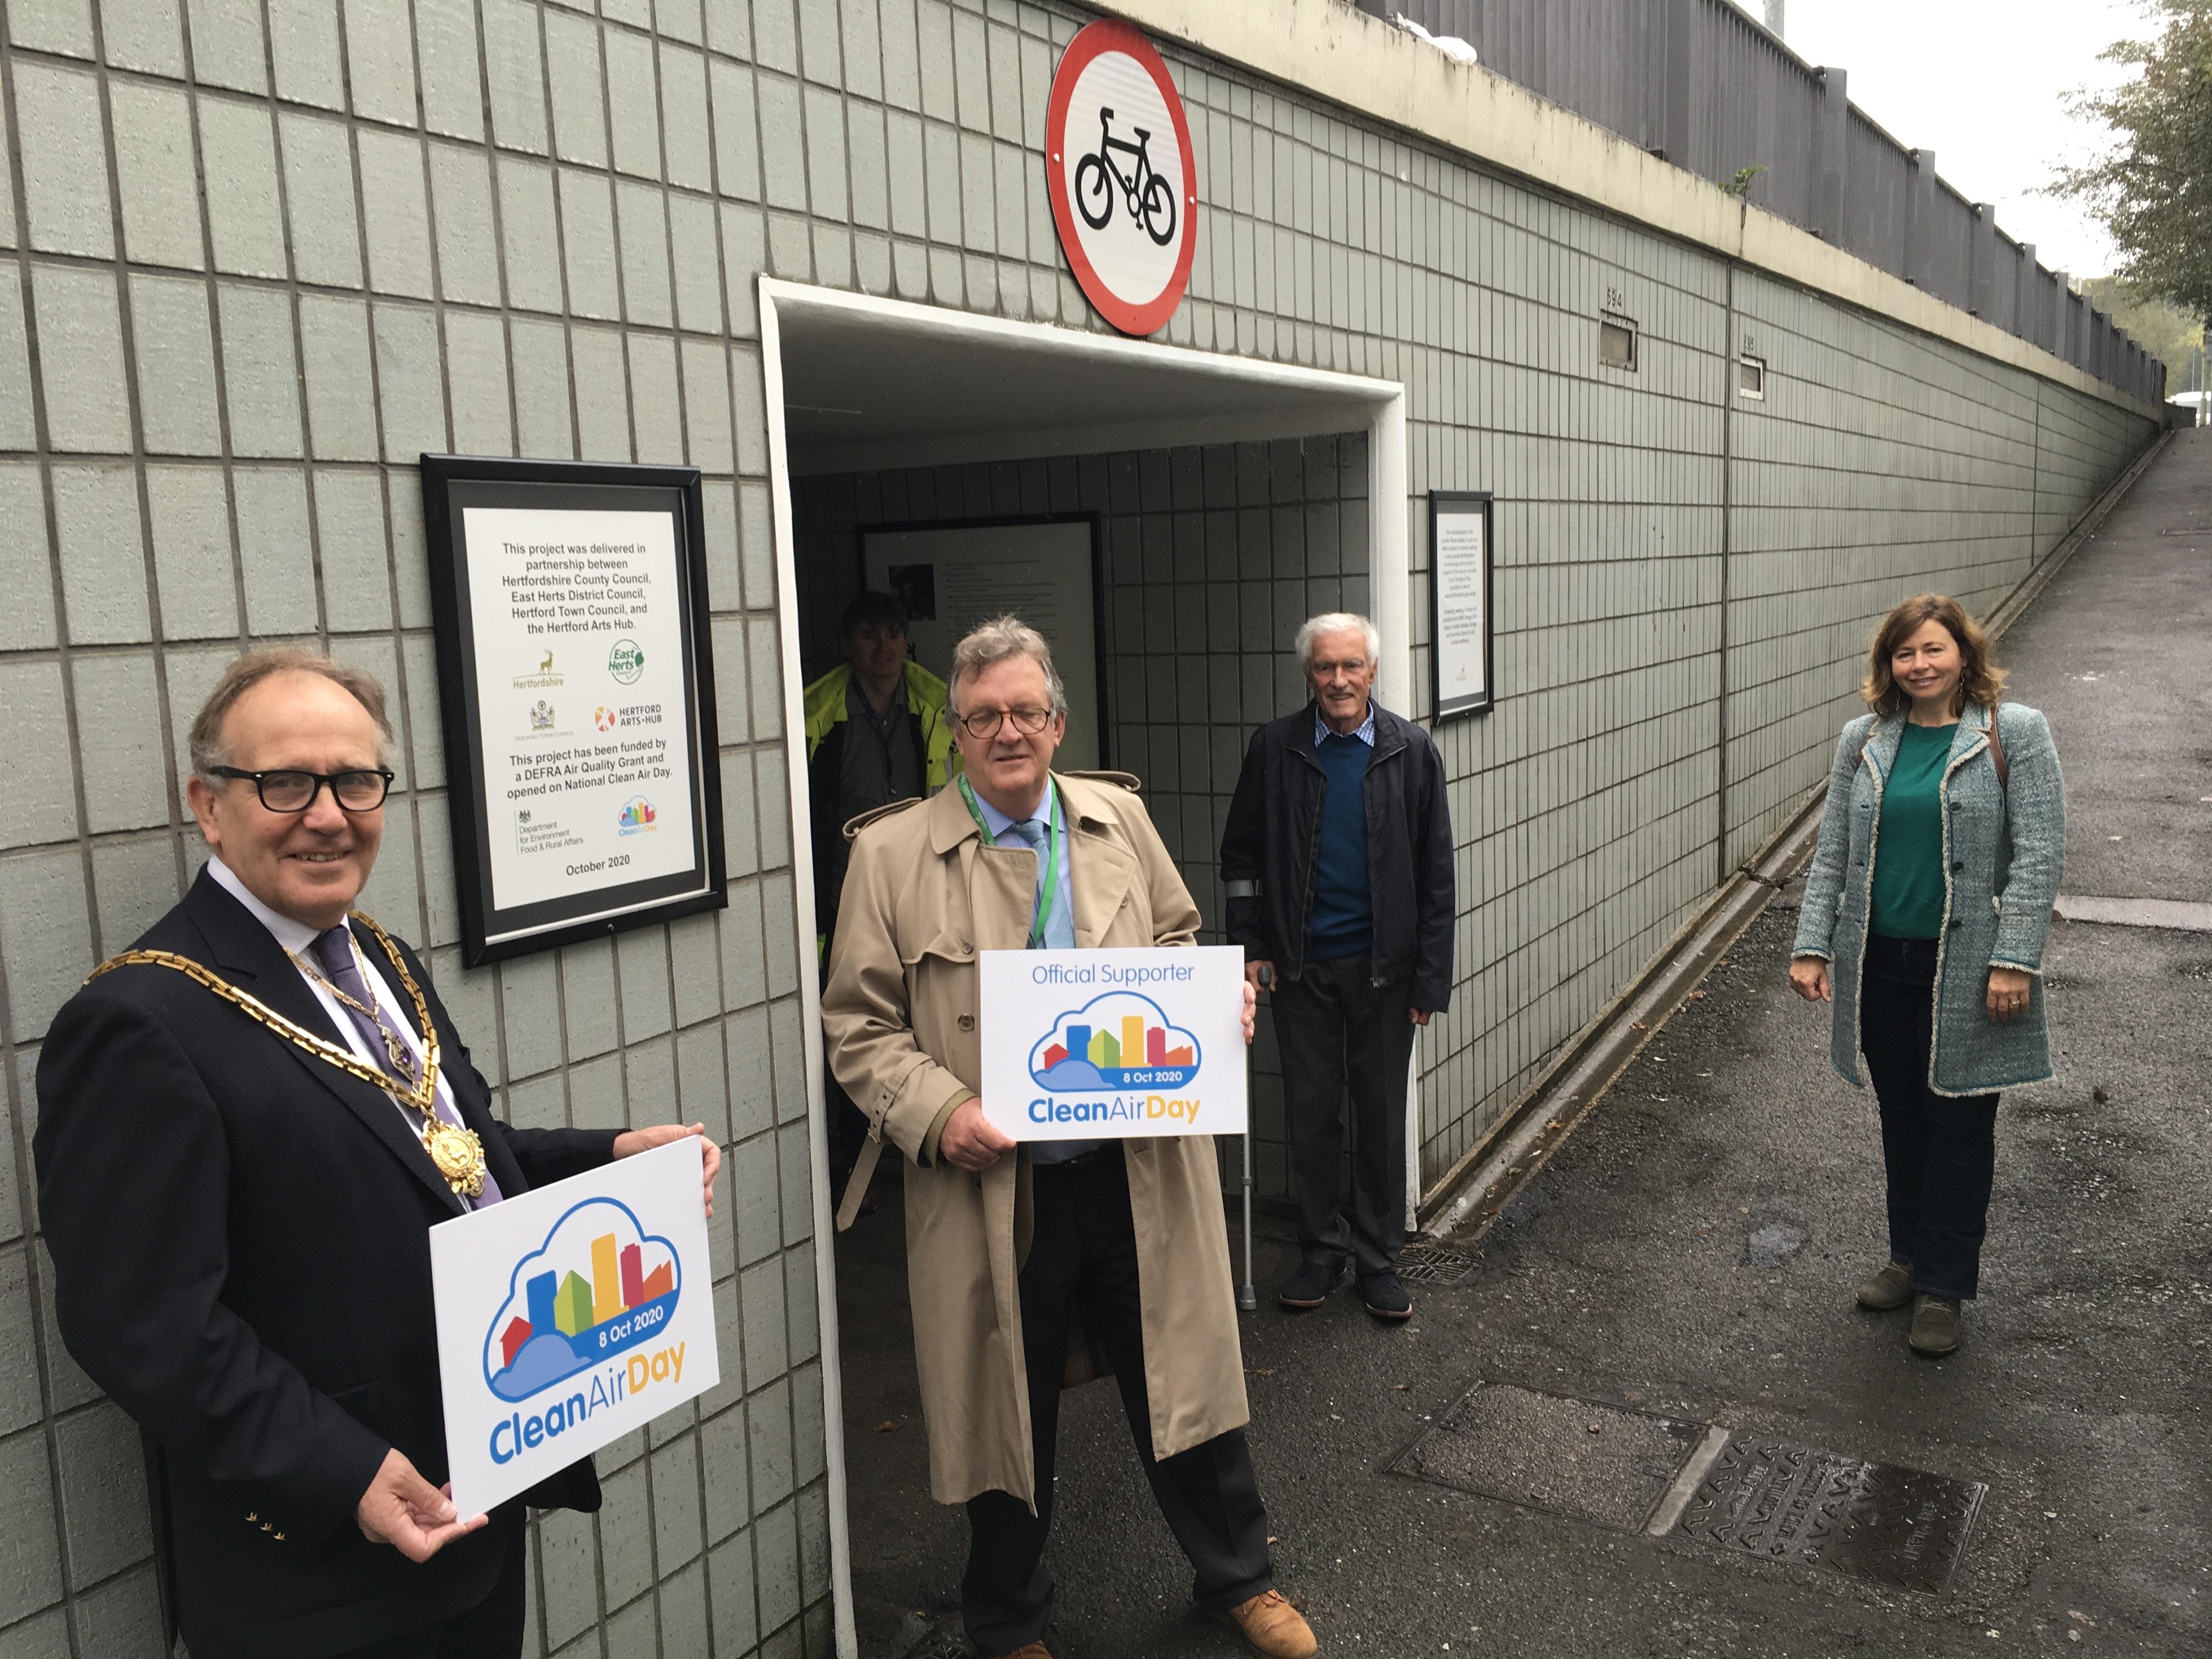 London Road subway refurbishment for Clean Air Day 2020